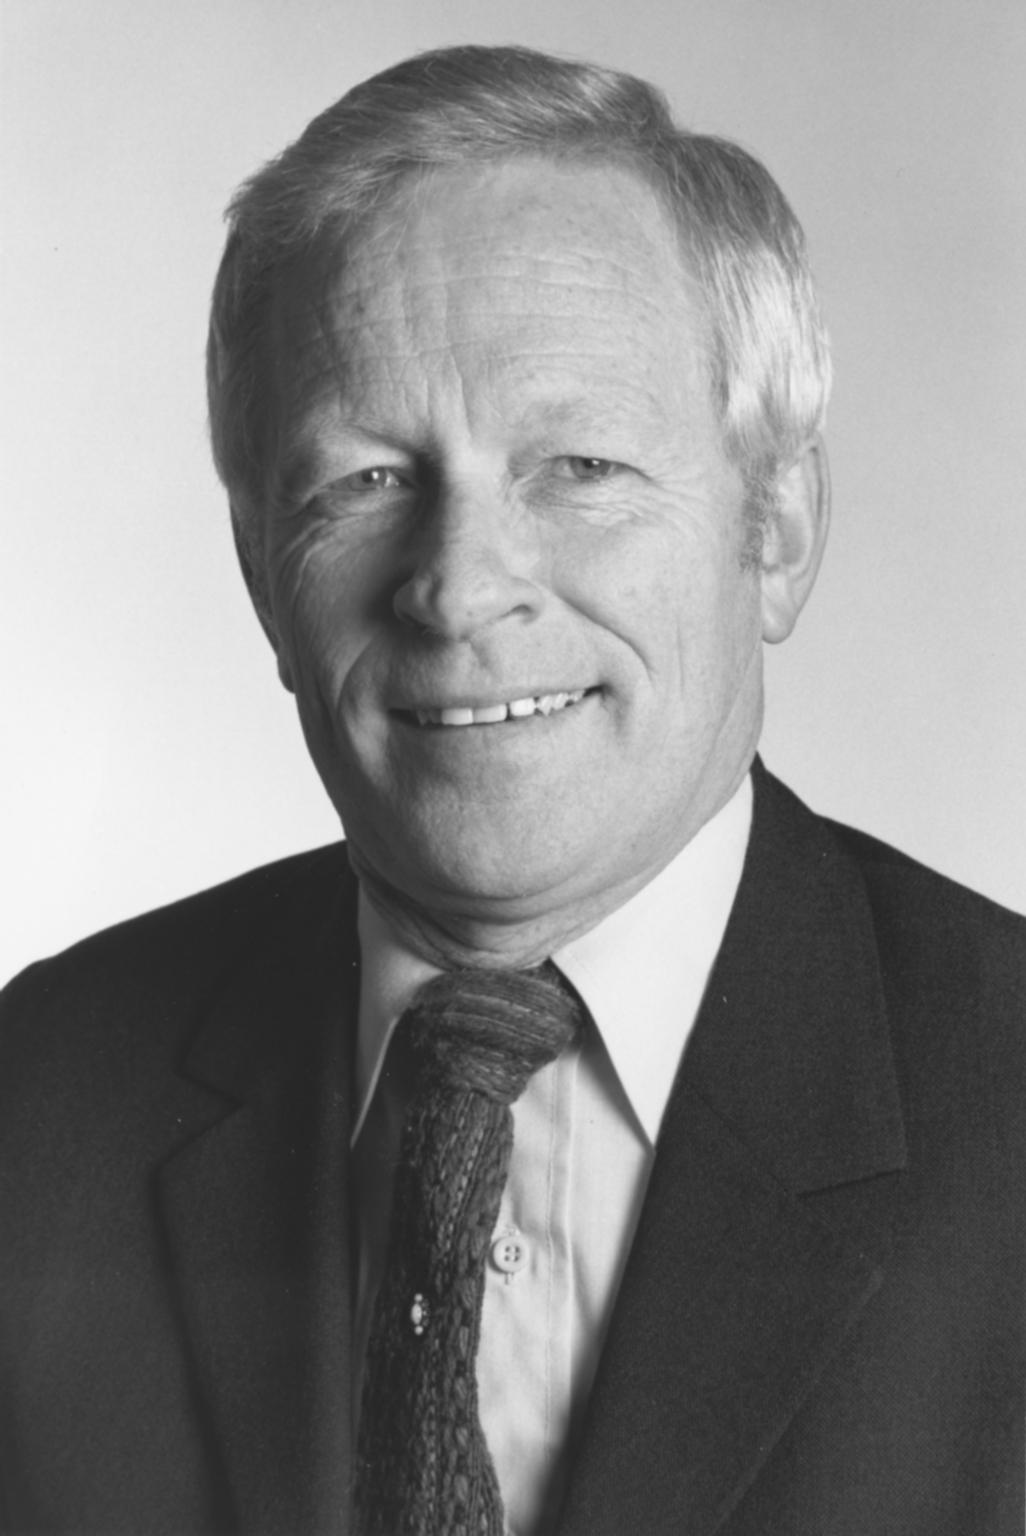 Dr. William E. Castle